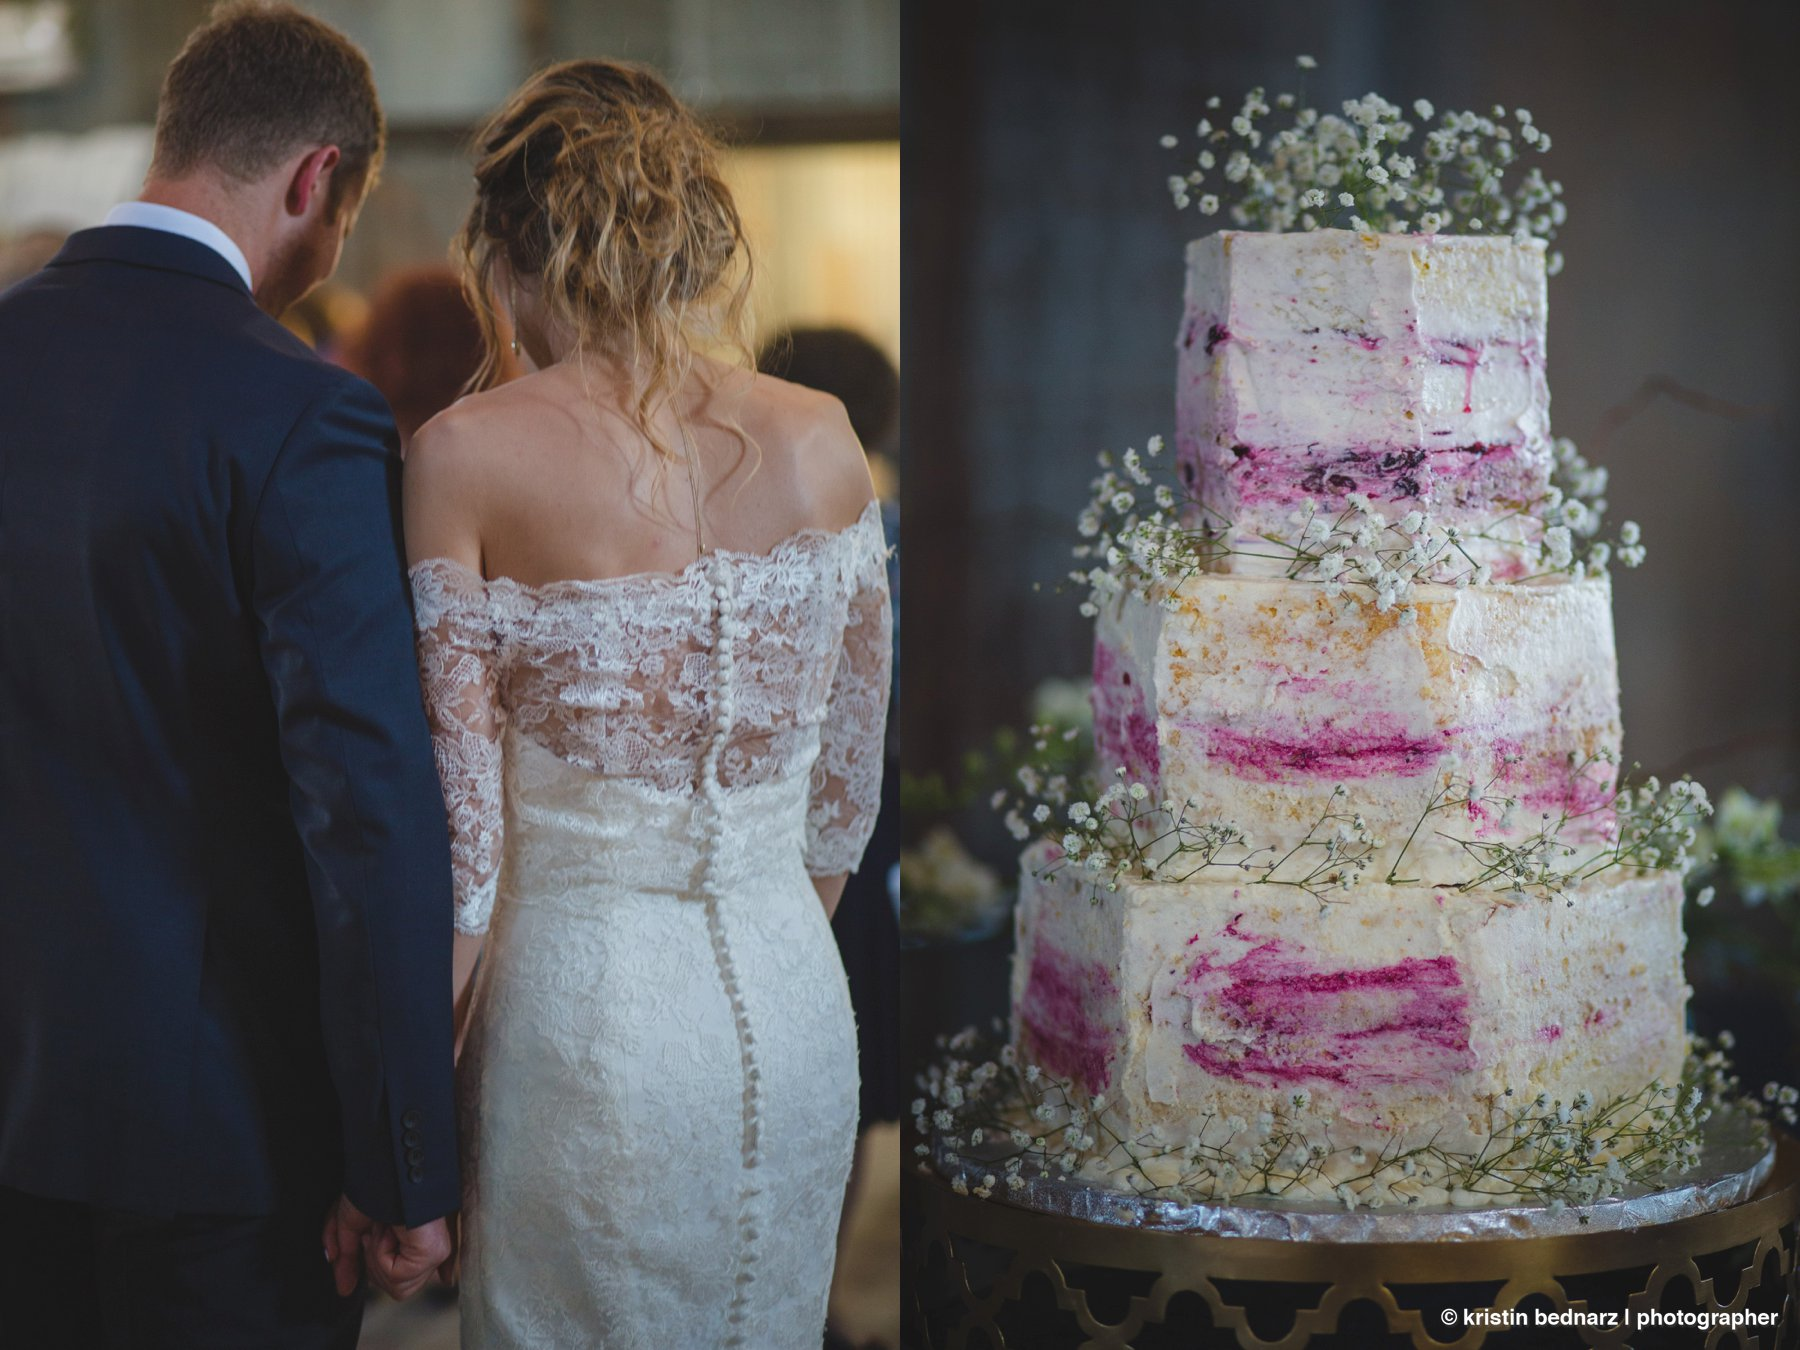 Krisitin_Bednarz_Lubbock_Wedding_Photographer_20180602_0077.JPG